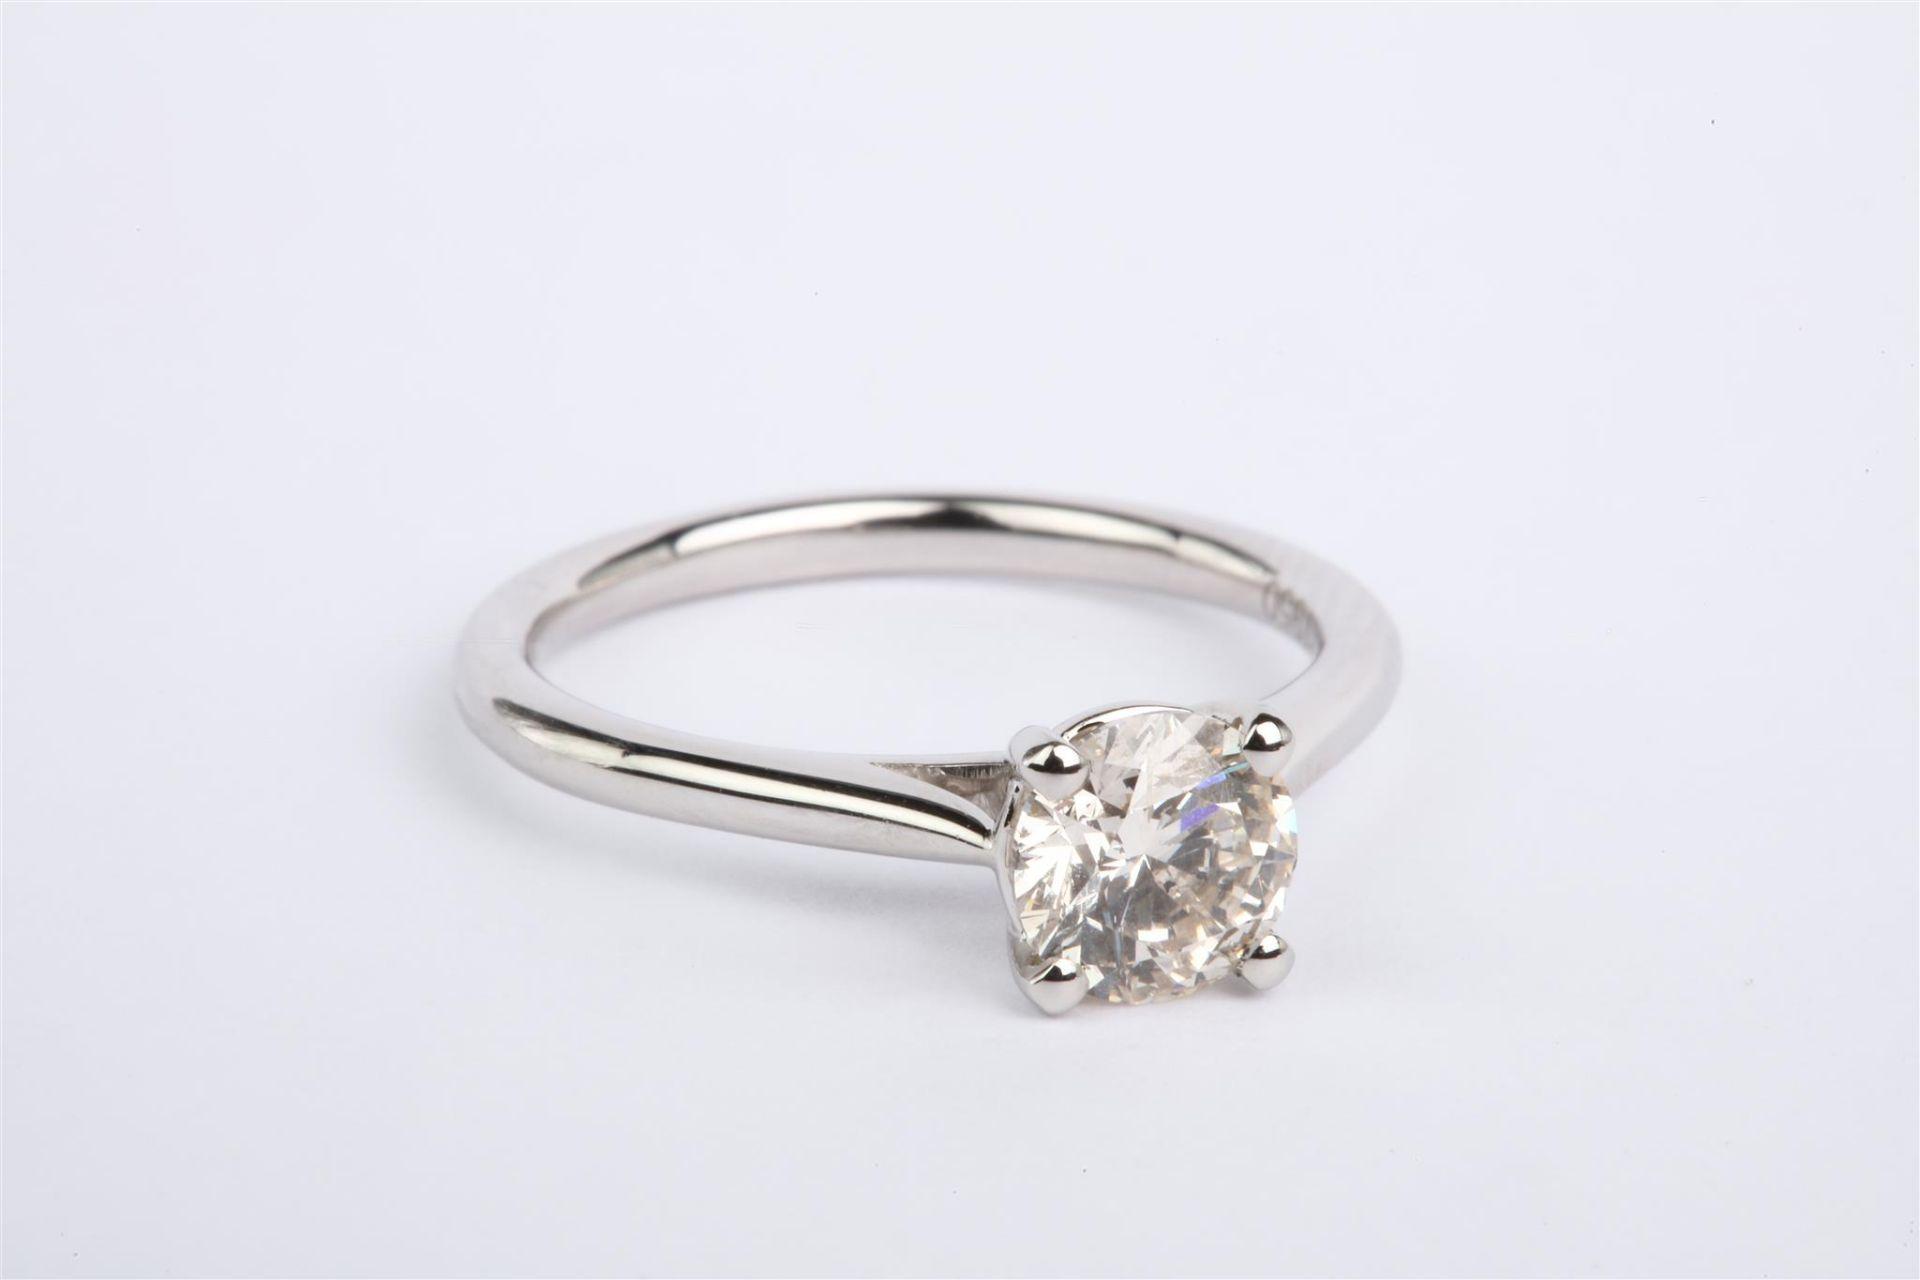 + VAT Platinum Ring Set With 1ct Solitaire Round Cut Diamond